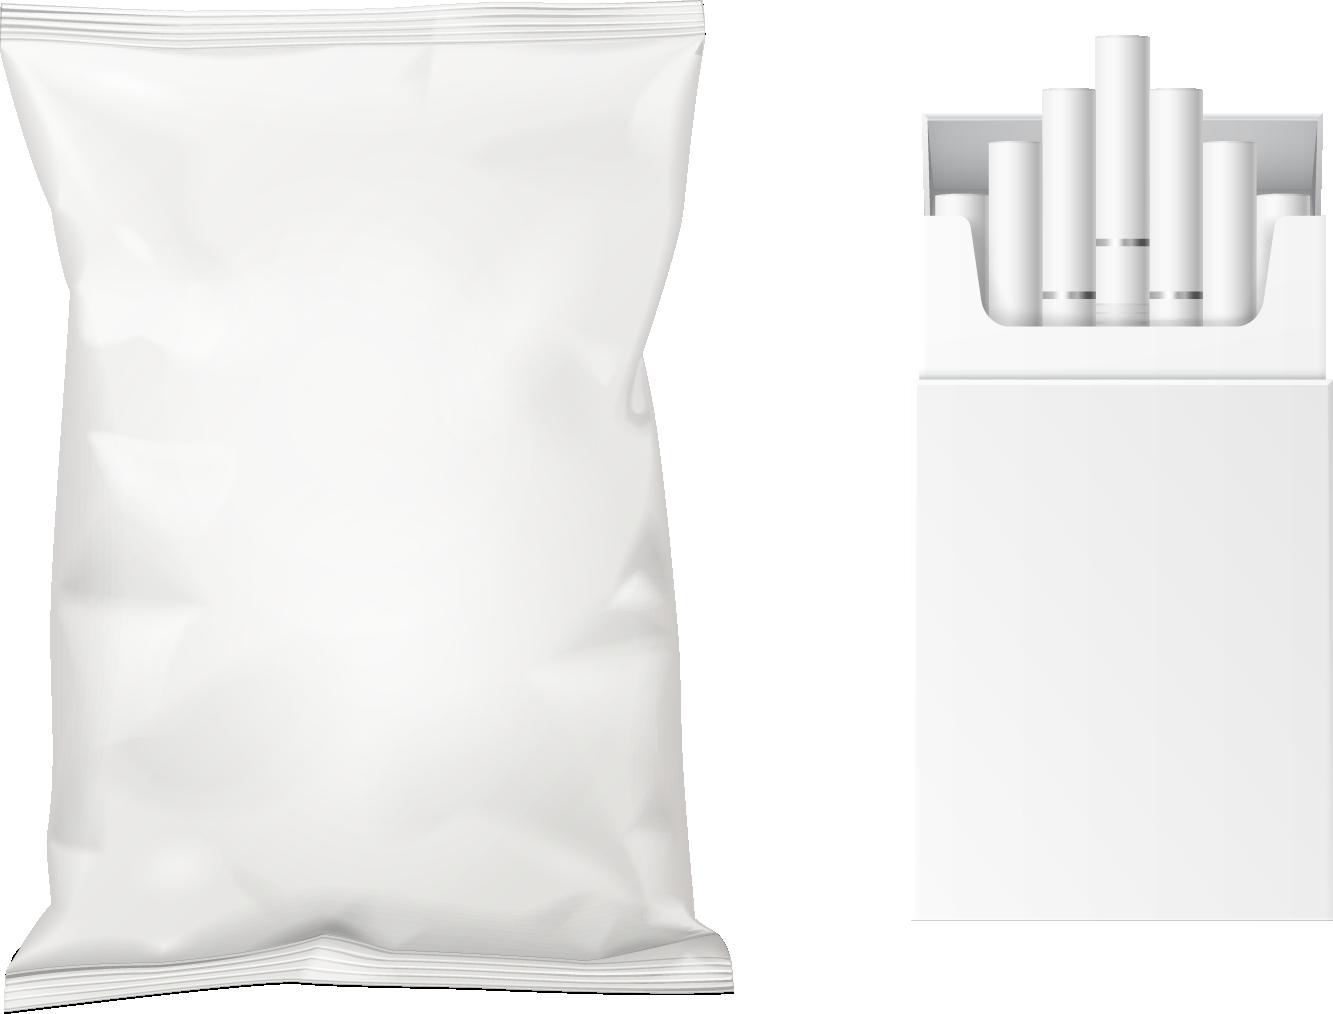 Terreurorganisaties een belangrijk deel van hun inkomsten halen uit de handel in namaaksigaretten